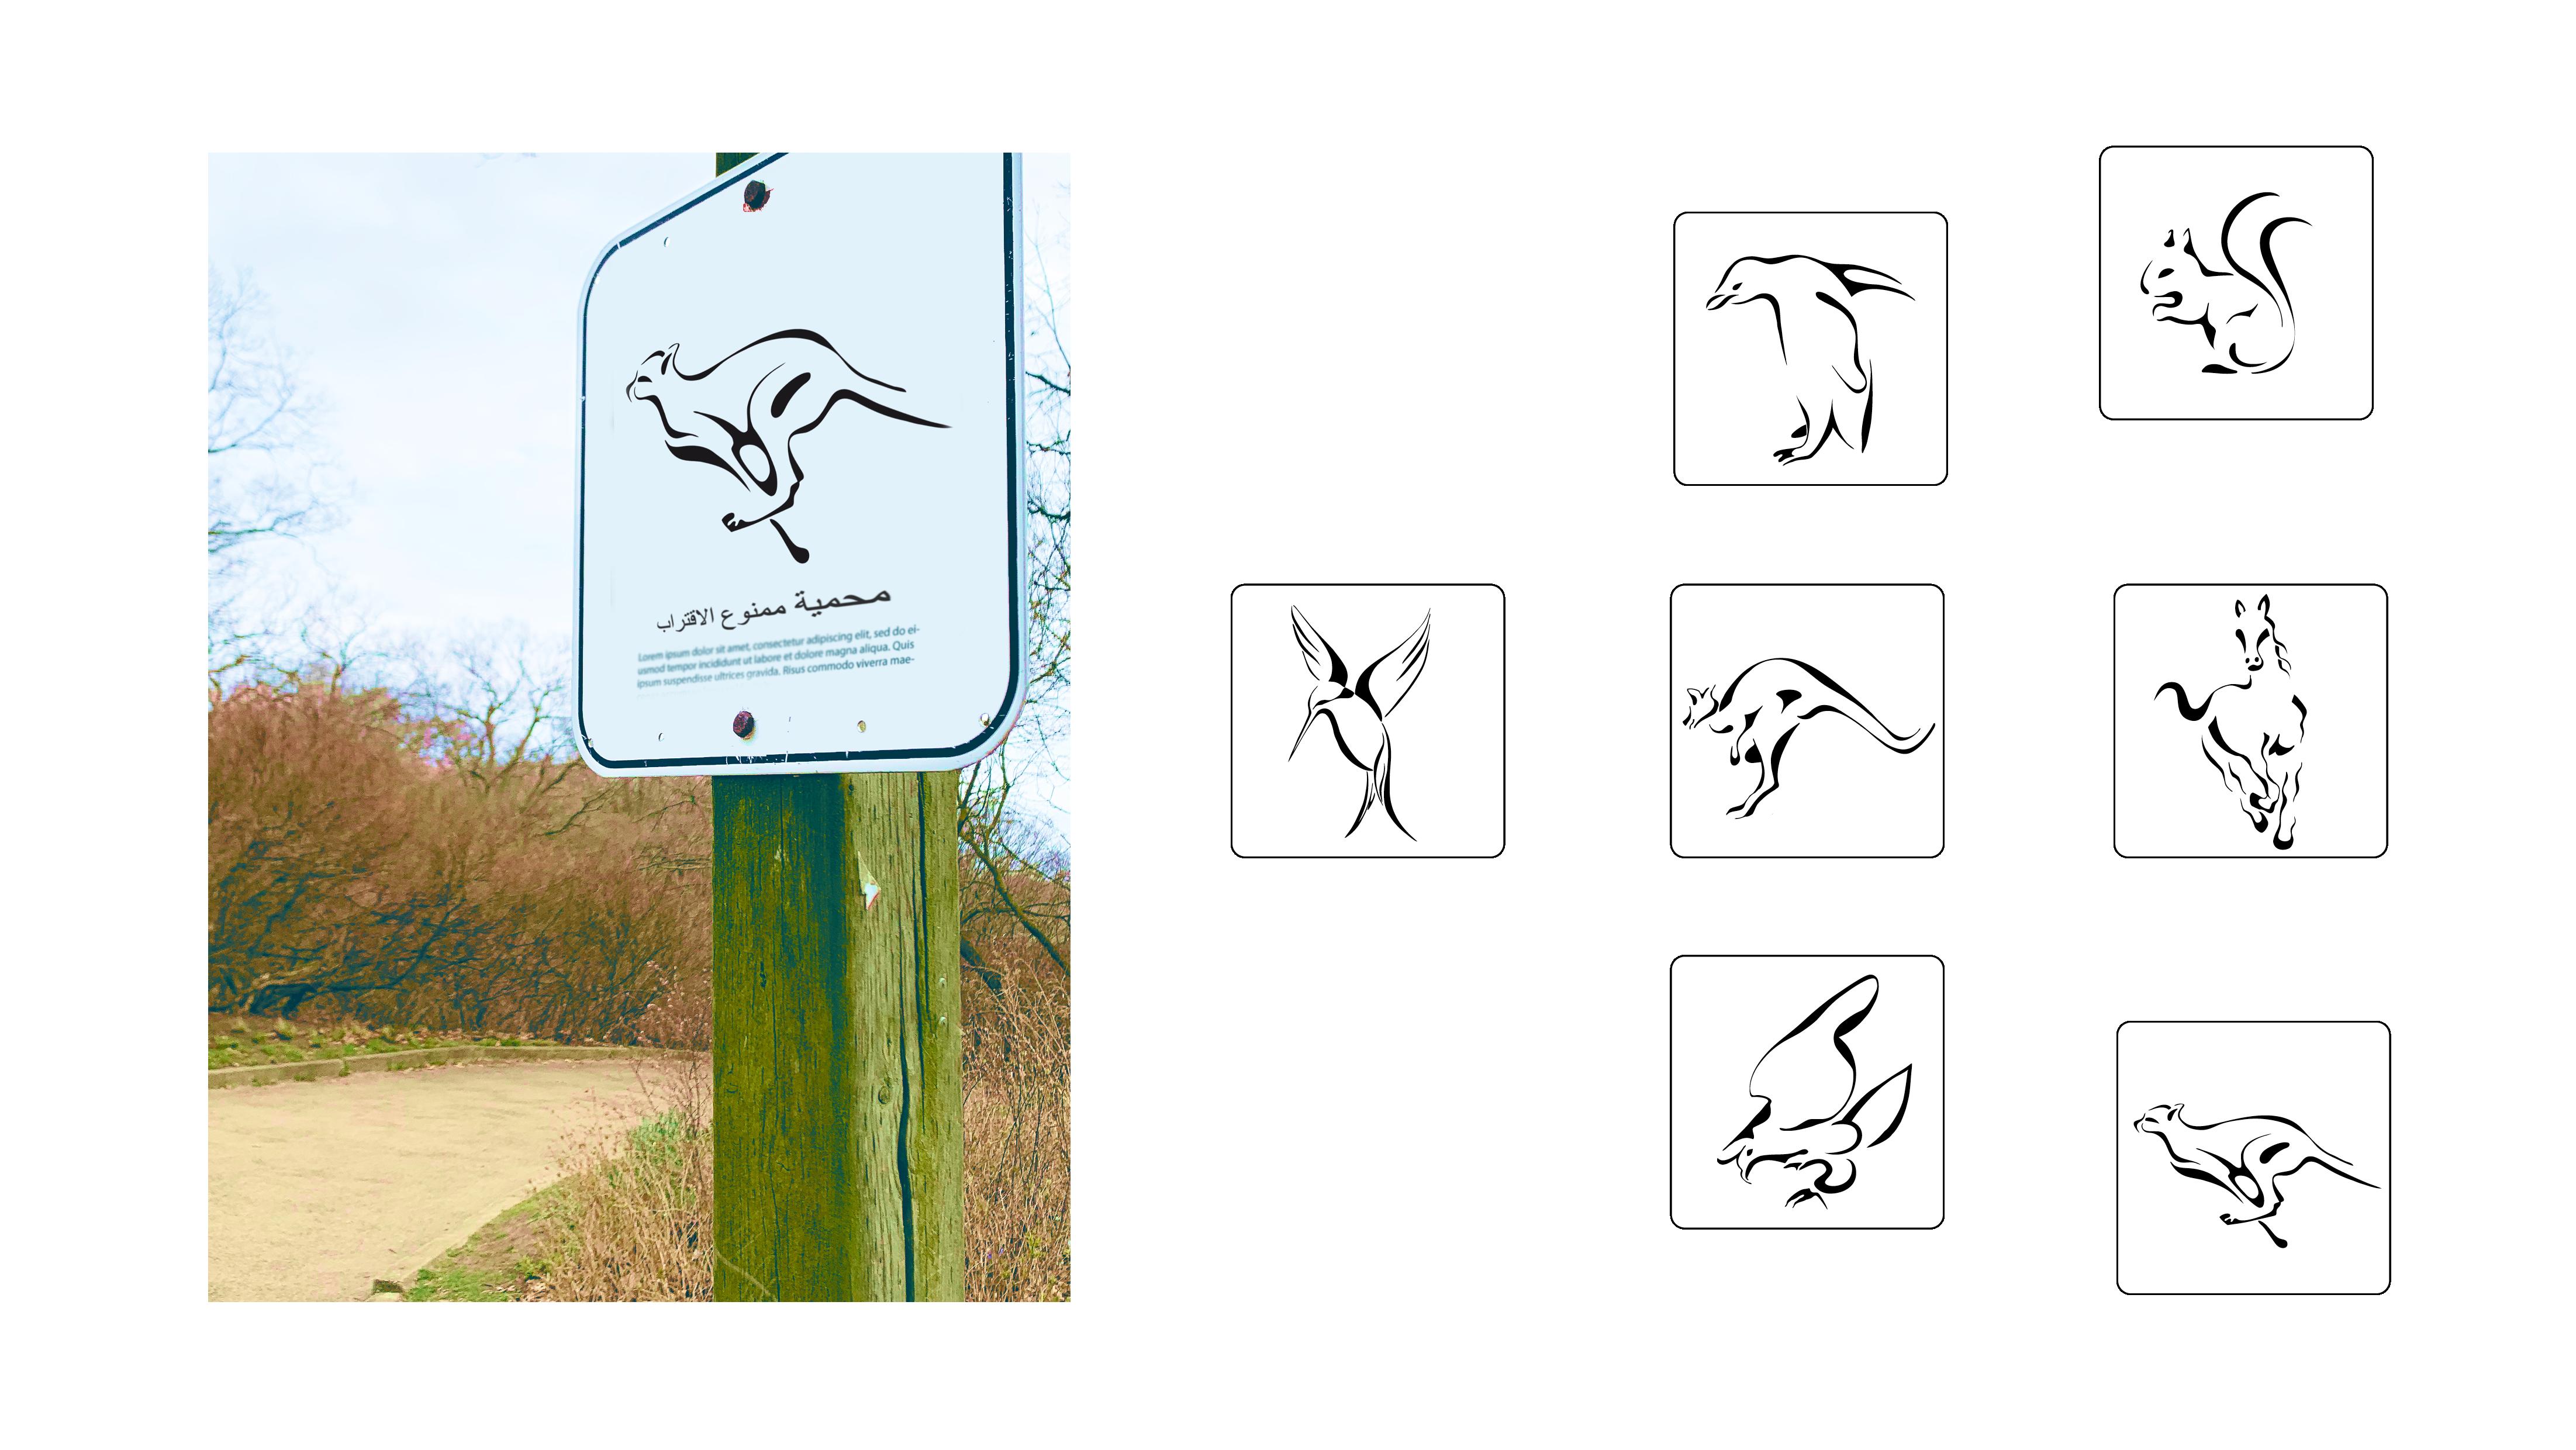 Nour, Alnader, Sign, Symbol, Reinzeichnung, Illustrator, Zoo, Syrian